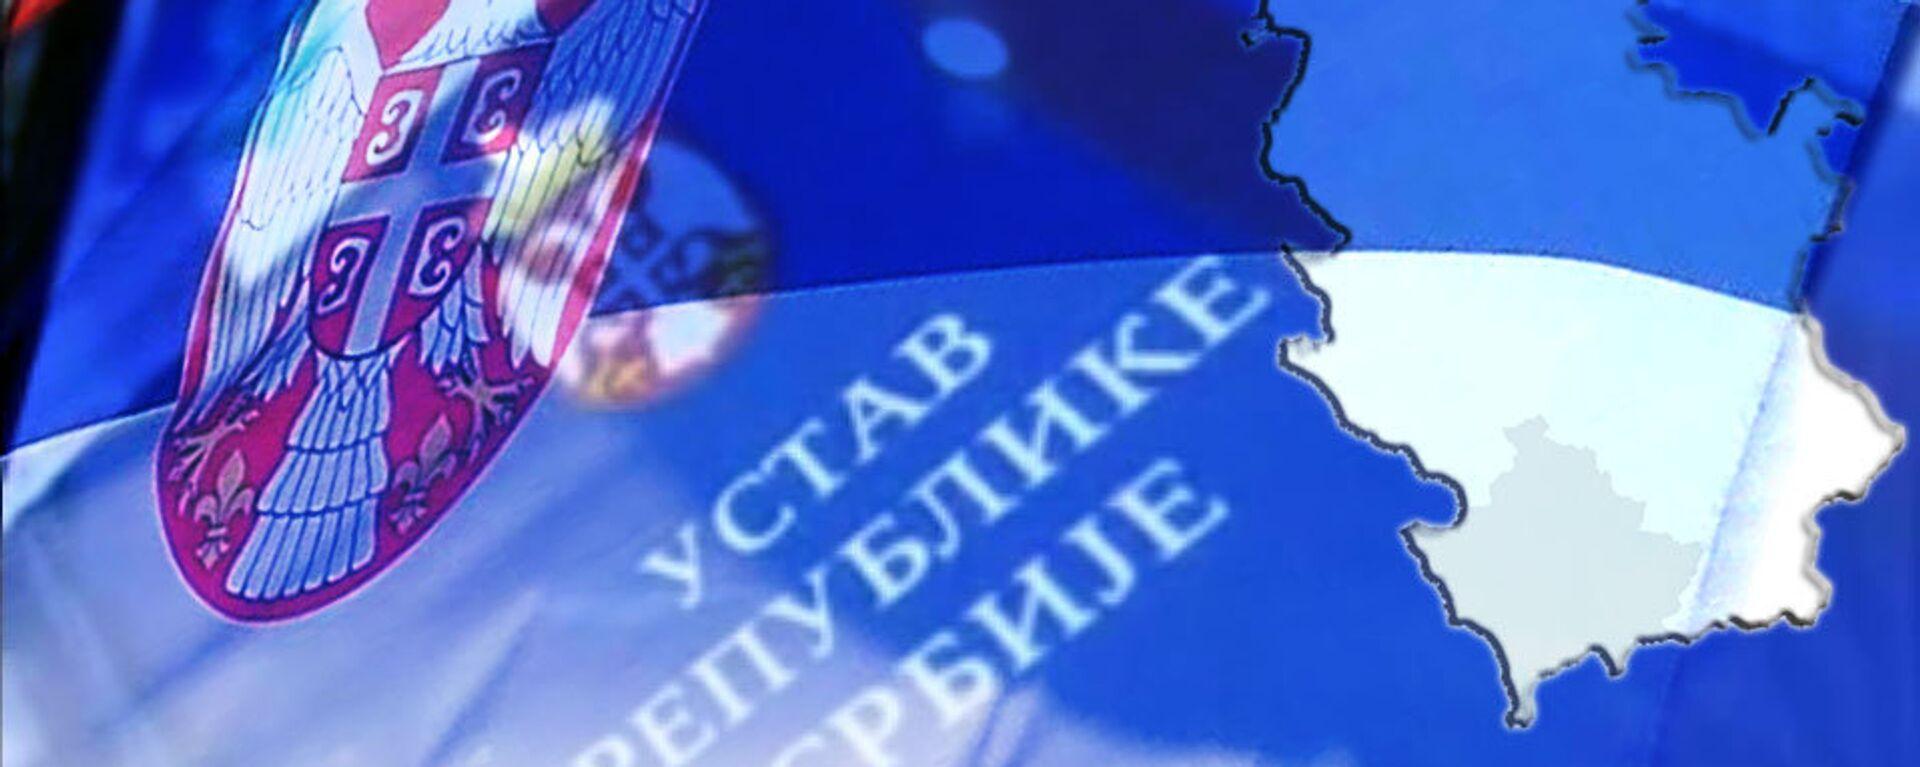 Устав Србије - илустрација - Sputnik Србија, 1920, 11.12.2020